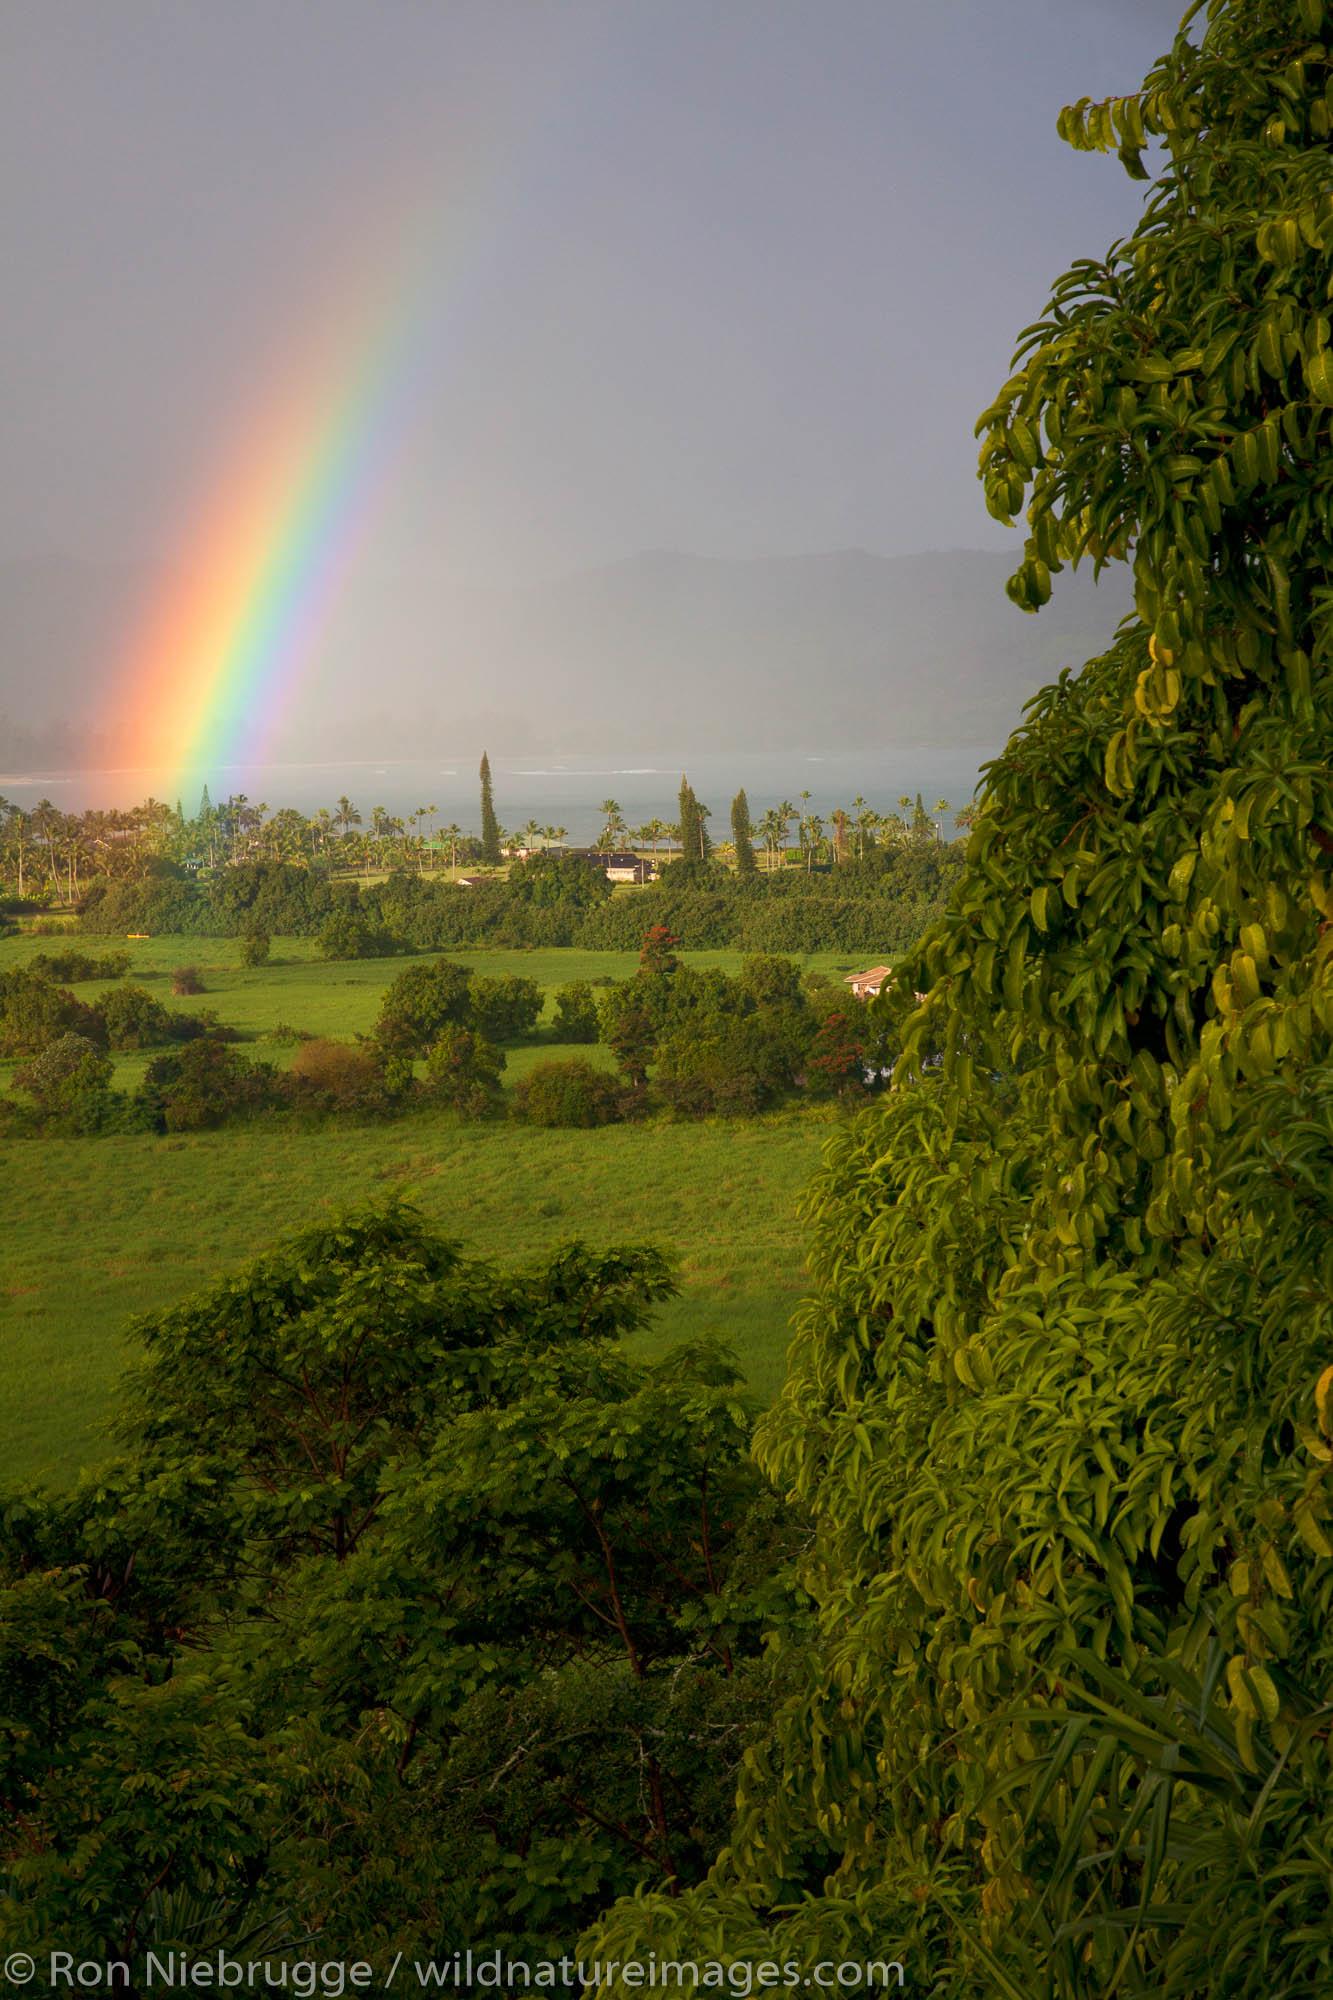 Rainbow over Hanalei Bay, Kauai, Hawaii.